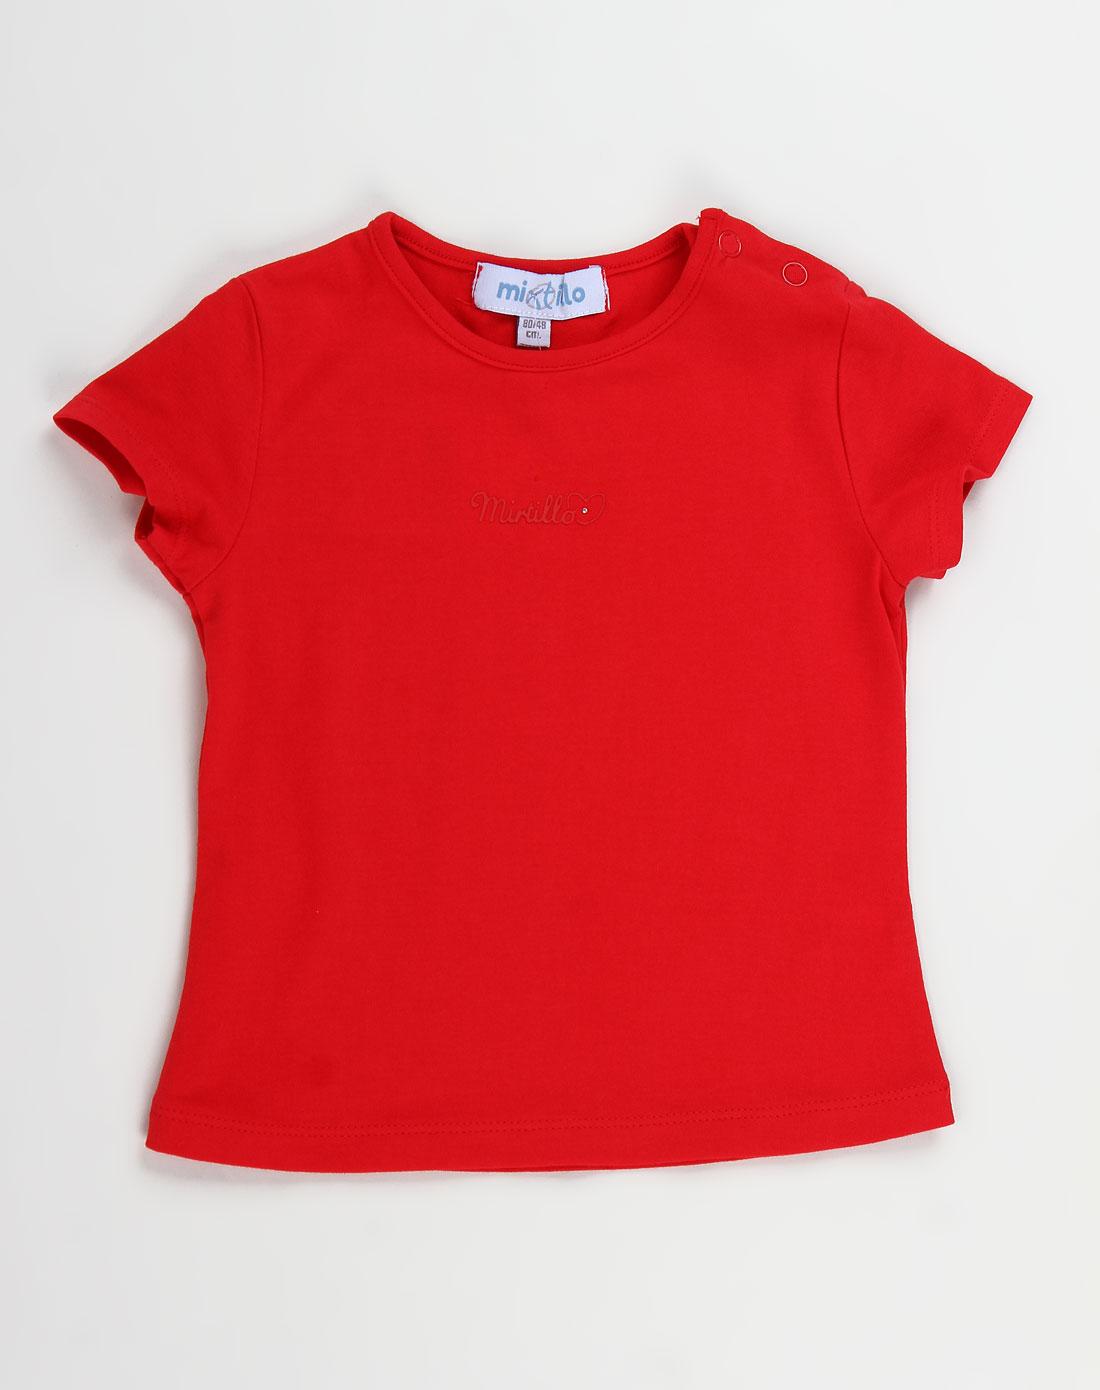 女童大红色休闲简约短袖t恤